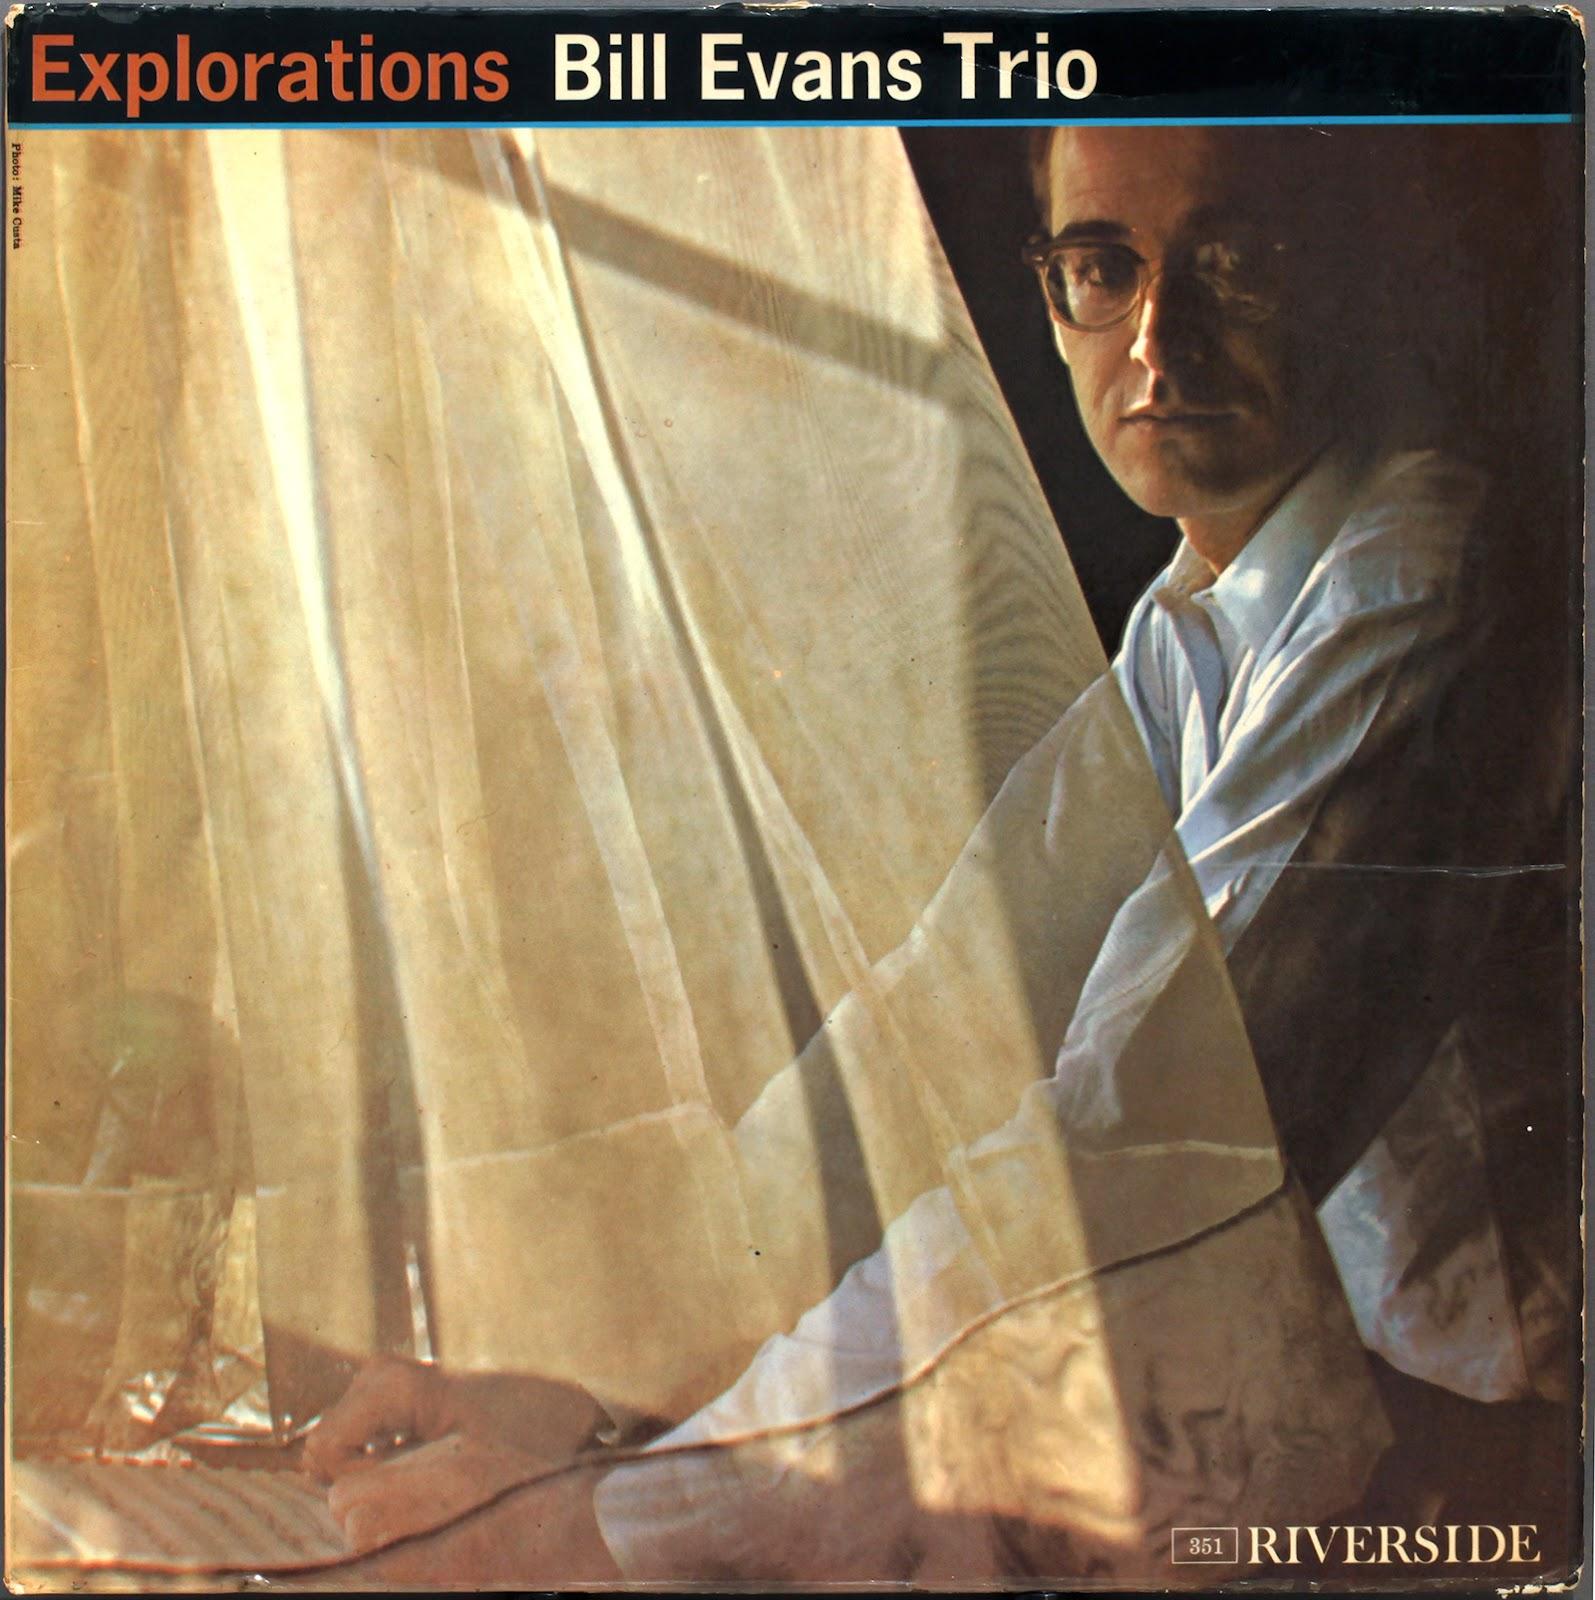 http://2.bp.blogspot.com/-gwREAzlCbgs/T6mVK_v09xI/AAAAAAAACPI/g9mhA39aM_Q/s1600/Bill+Evans+-+Explorations+(1961LP).jpg